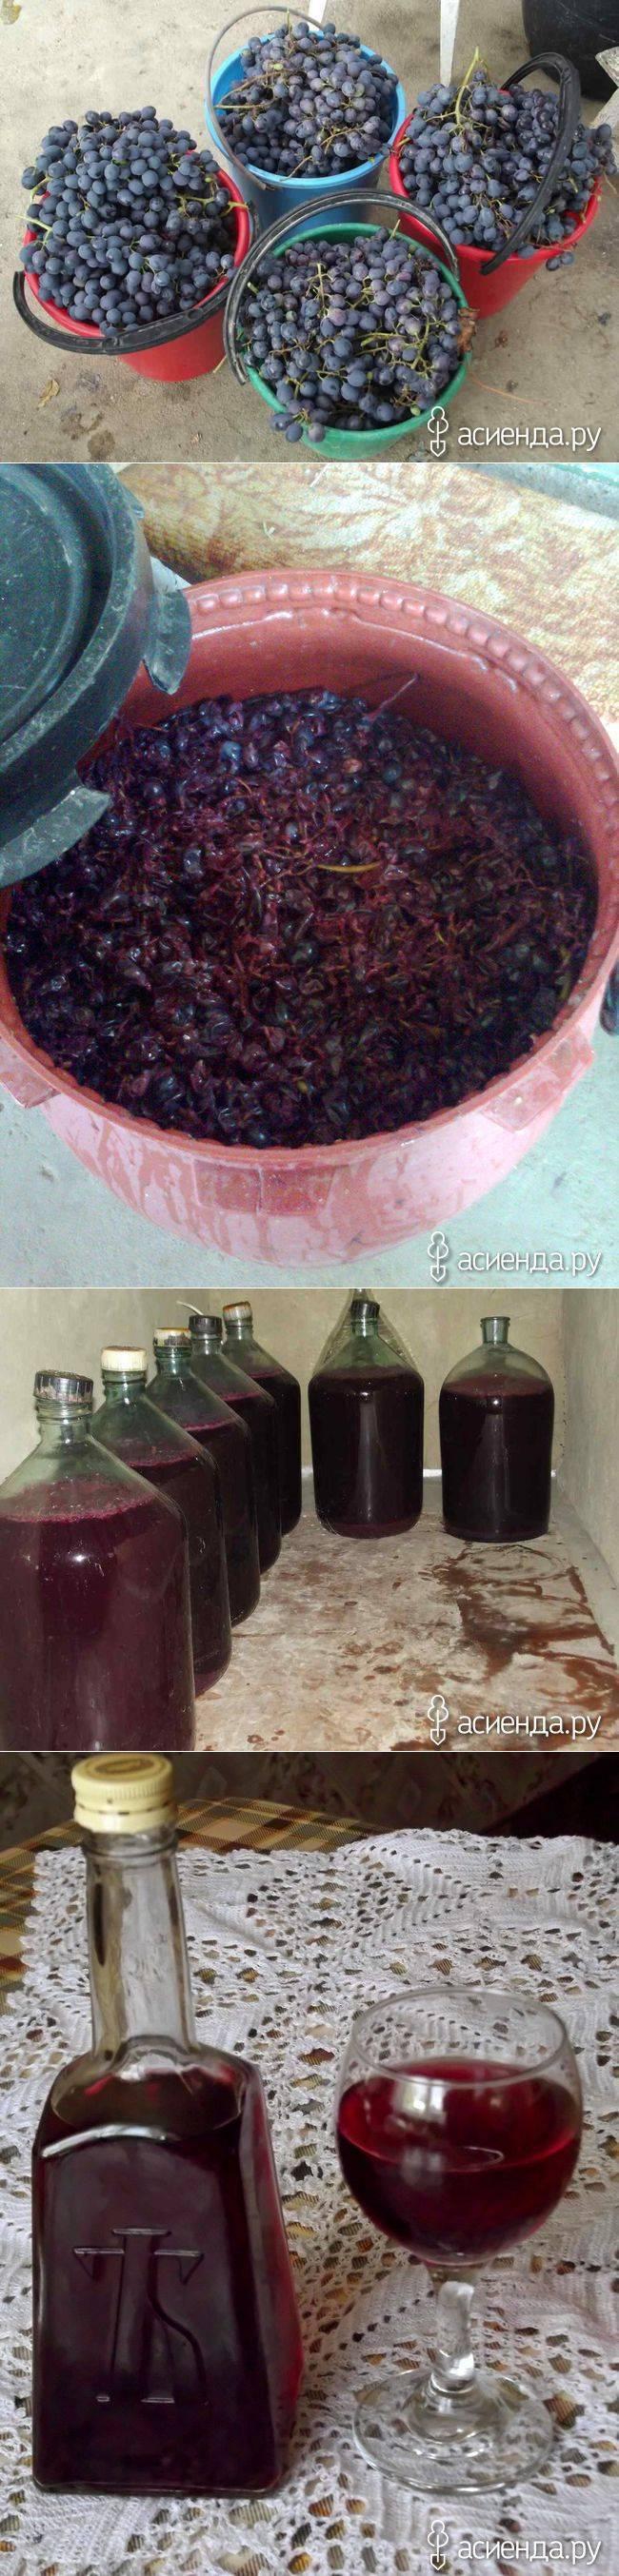 Изготовление коньяка из винограда в домашних условиях